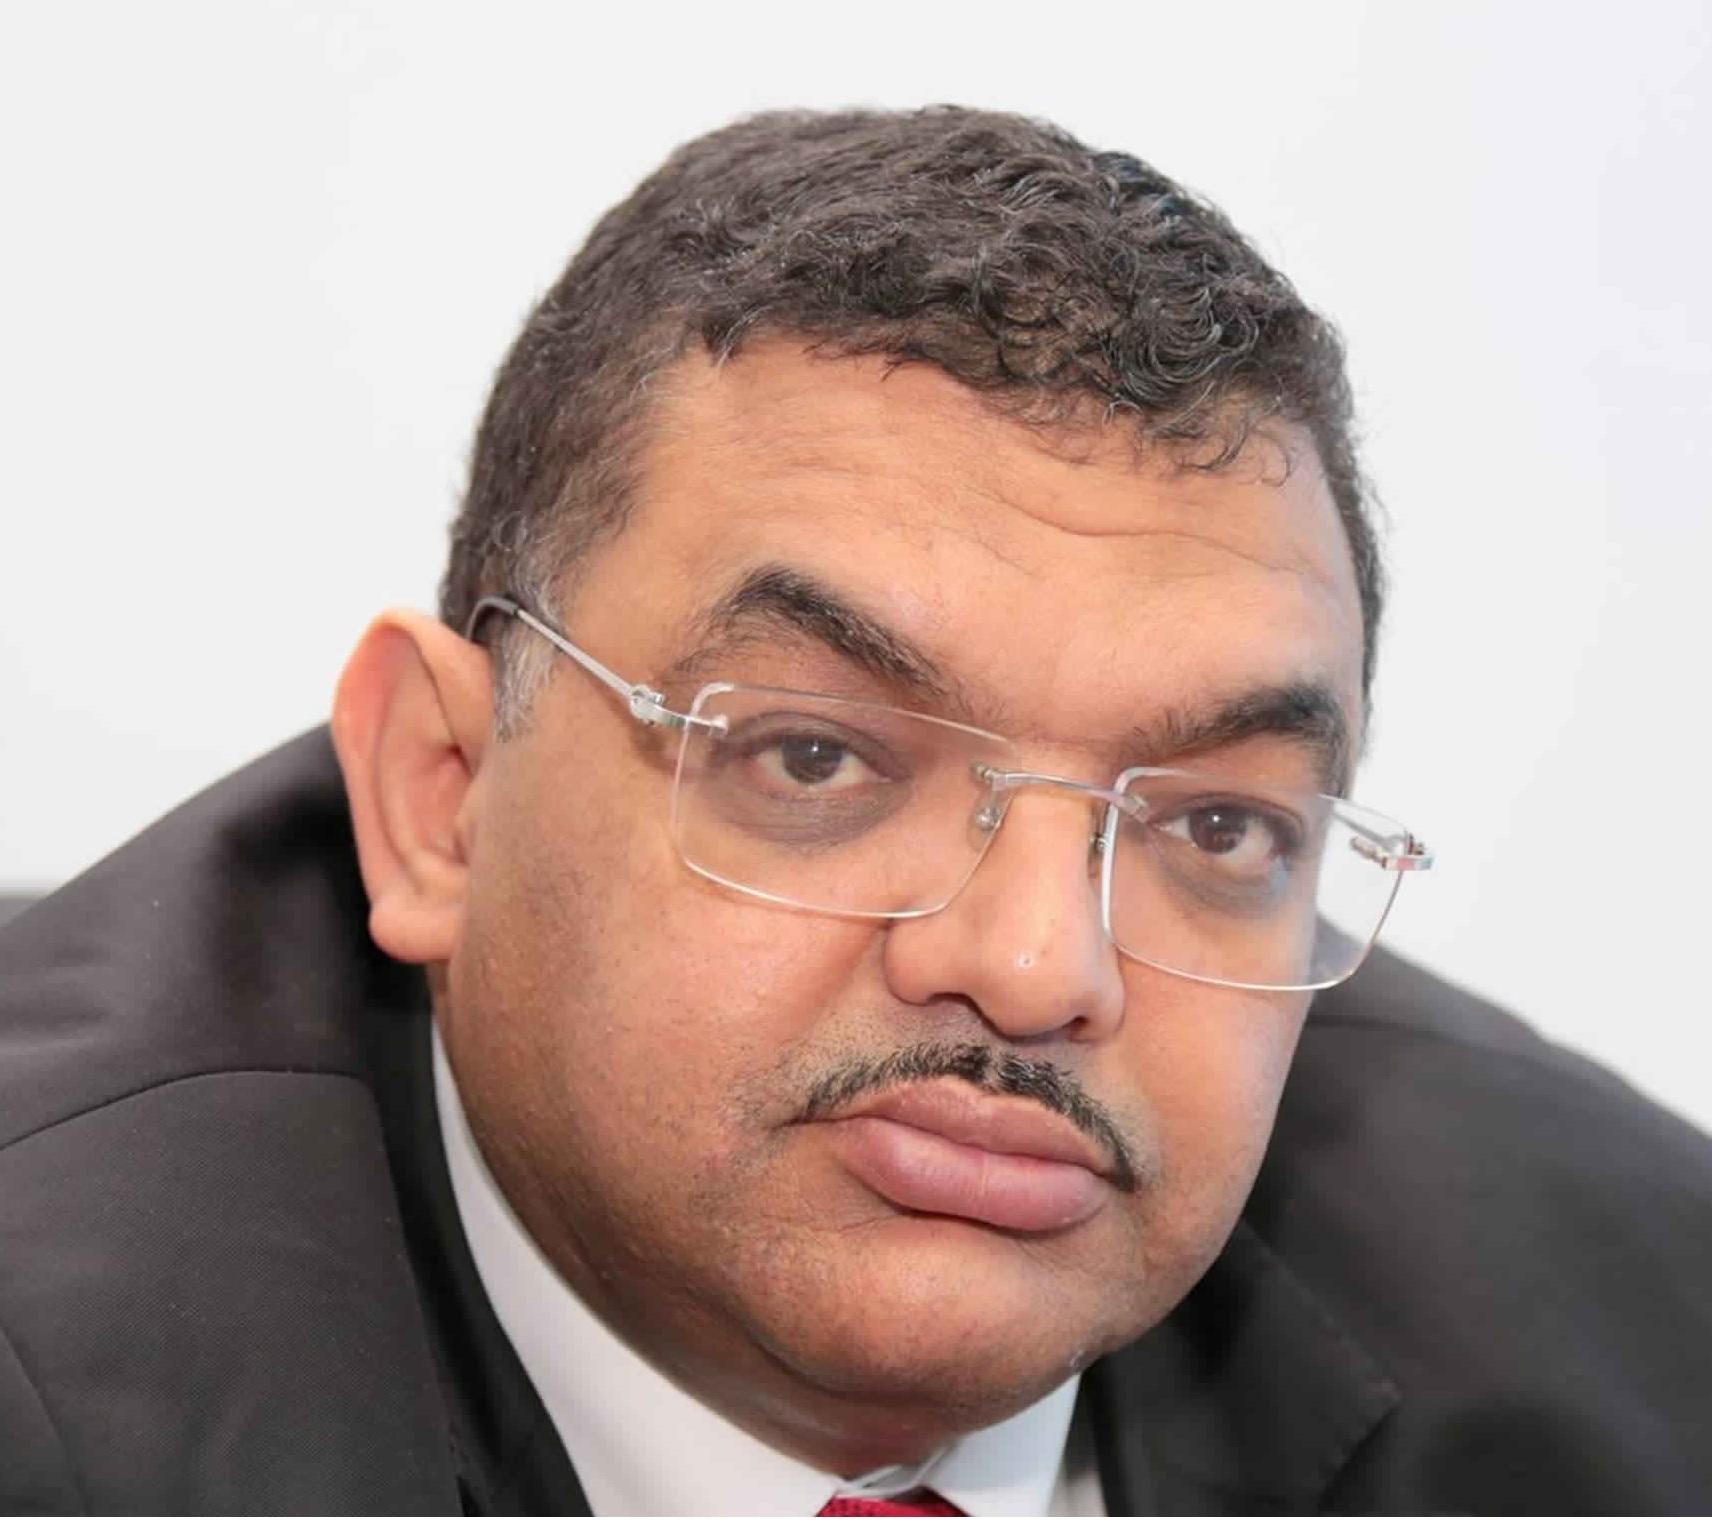 لطفي زيتون يُغادر مجلس الشورى غاضبا ويُحذّر من تزوير الانتخابات